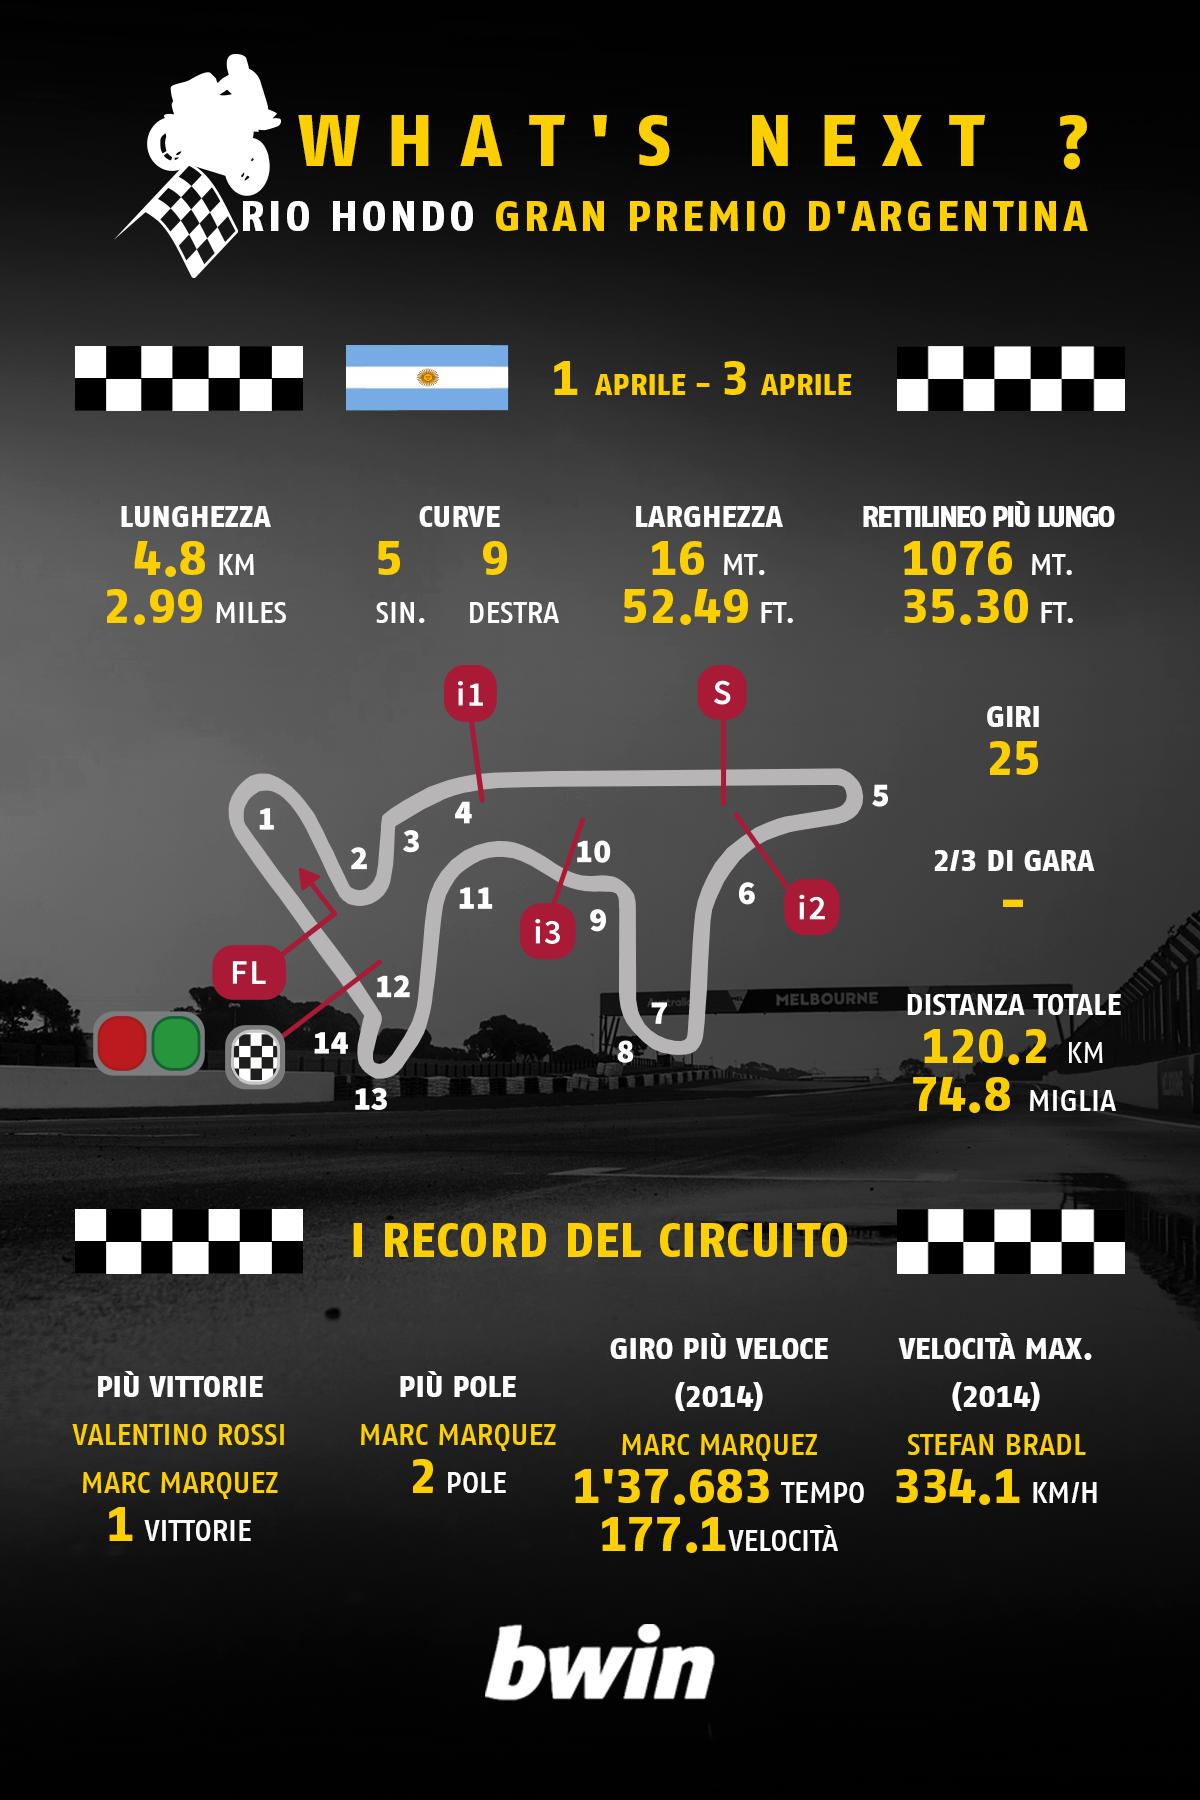 MotoGP-whatsnext-ARGENTINA